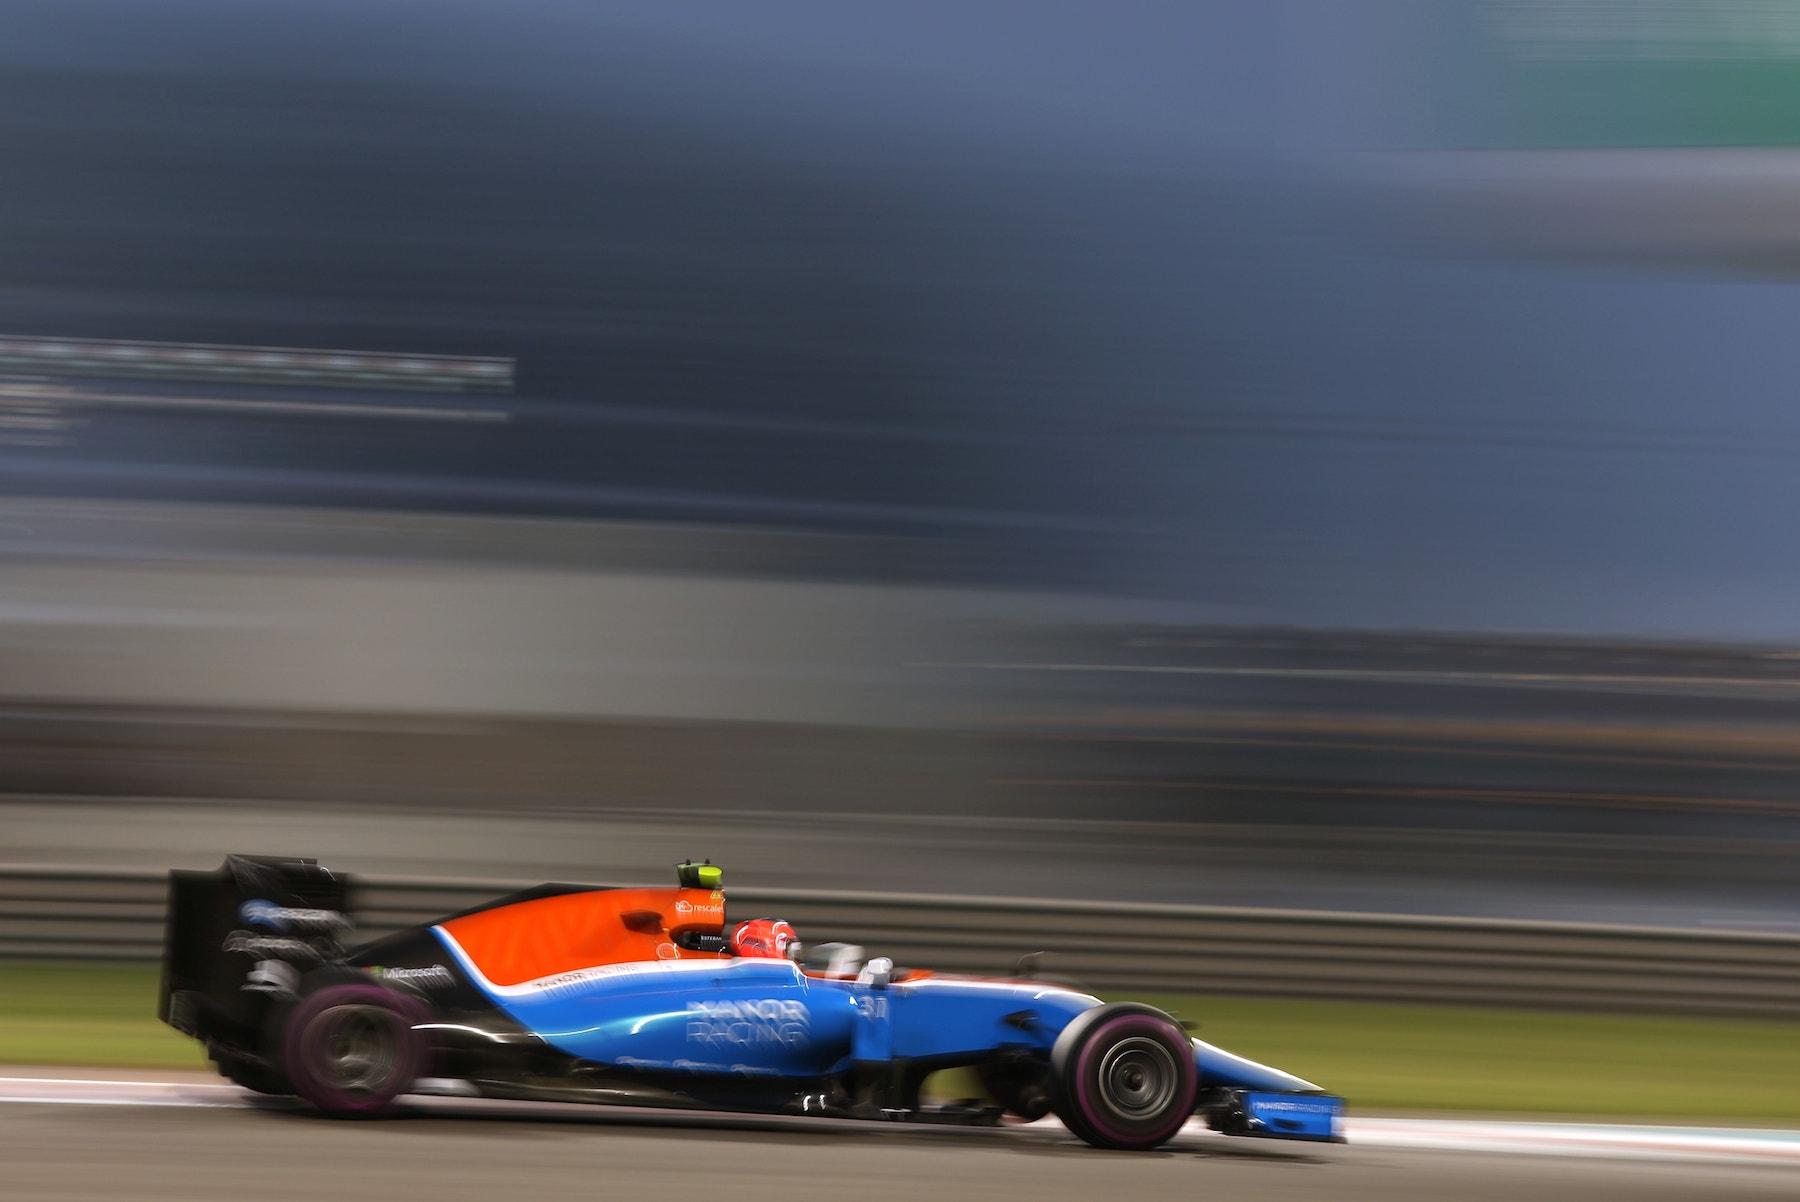 Salracing - Esteban Ocon | Manor Racing